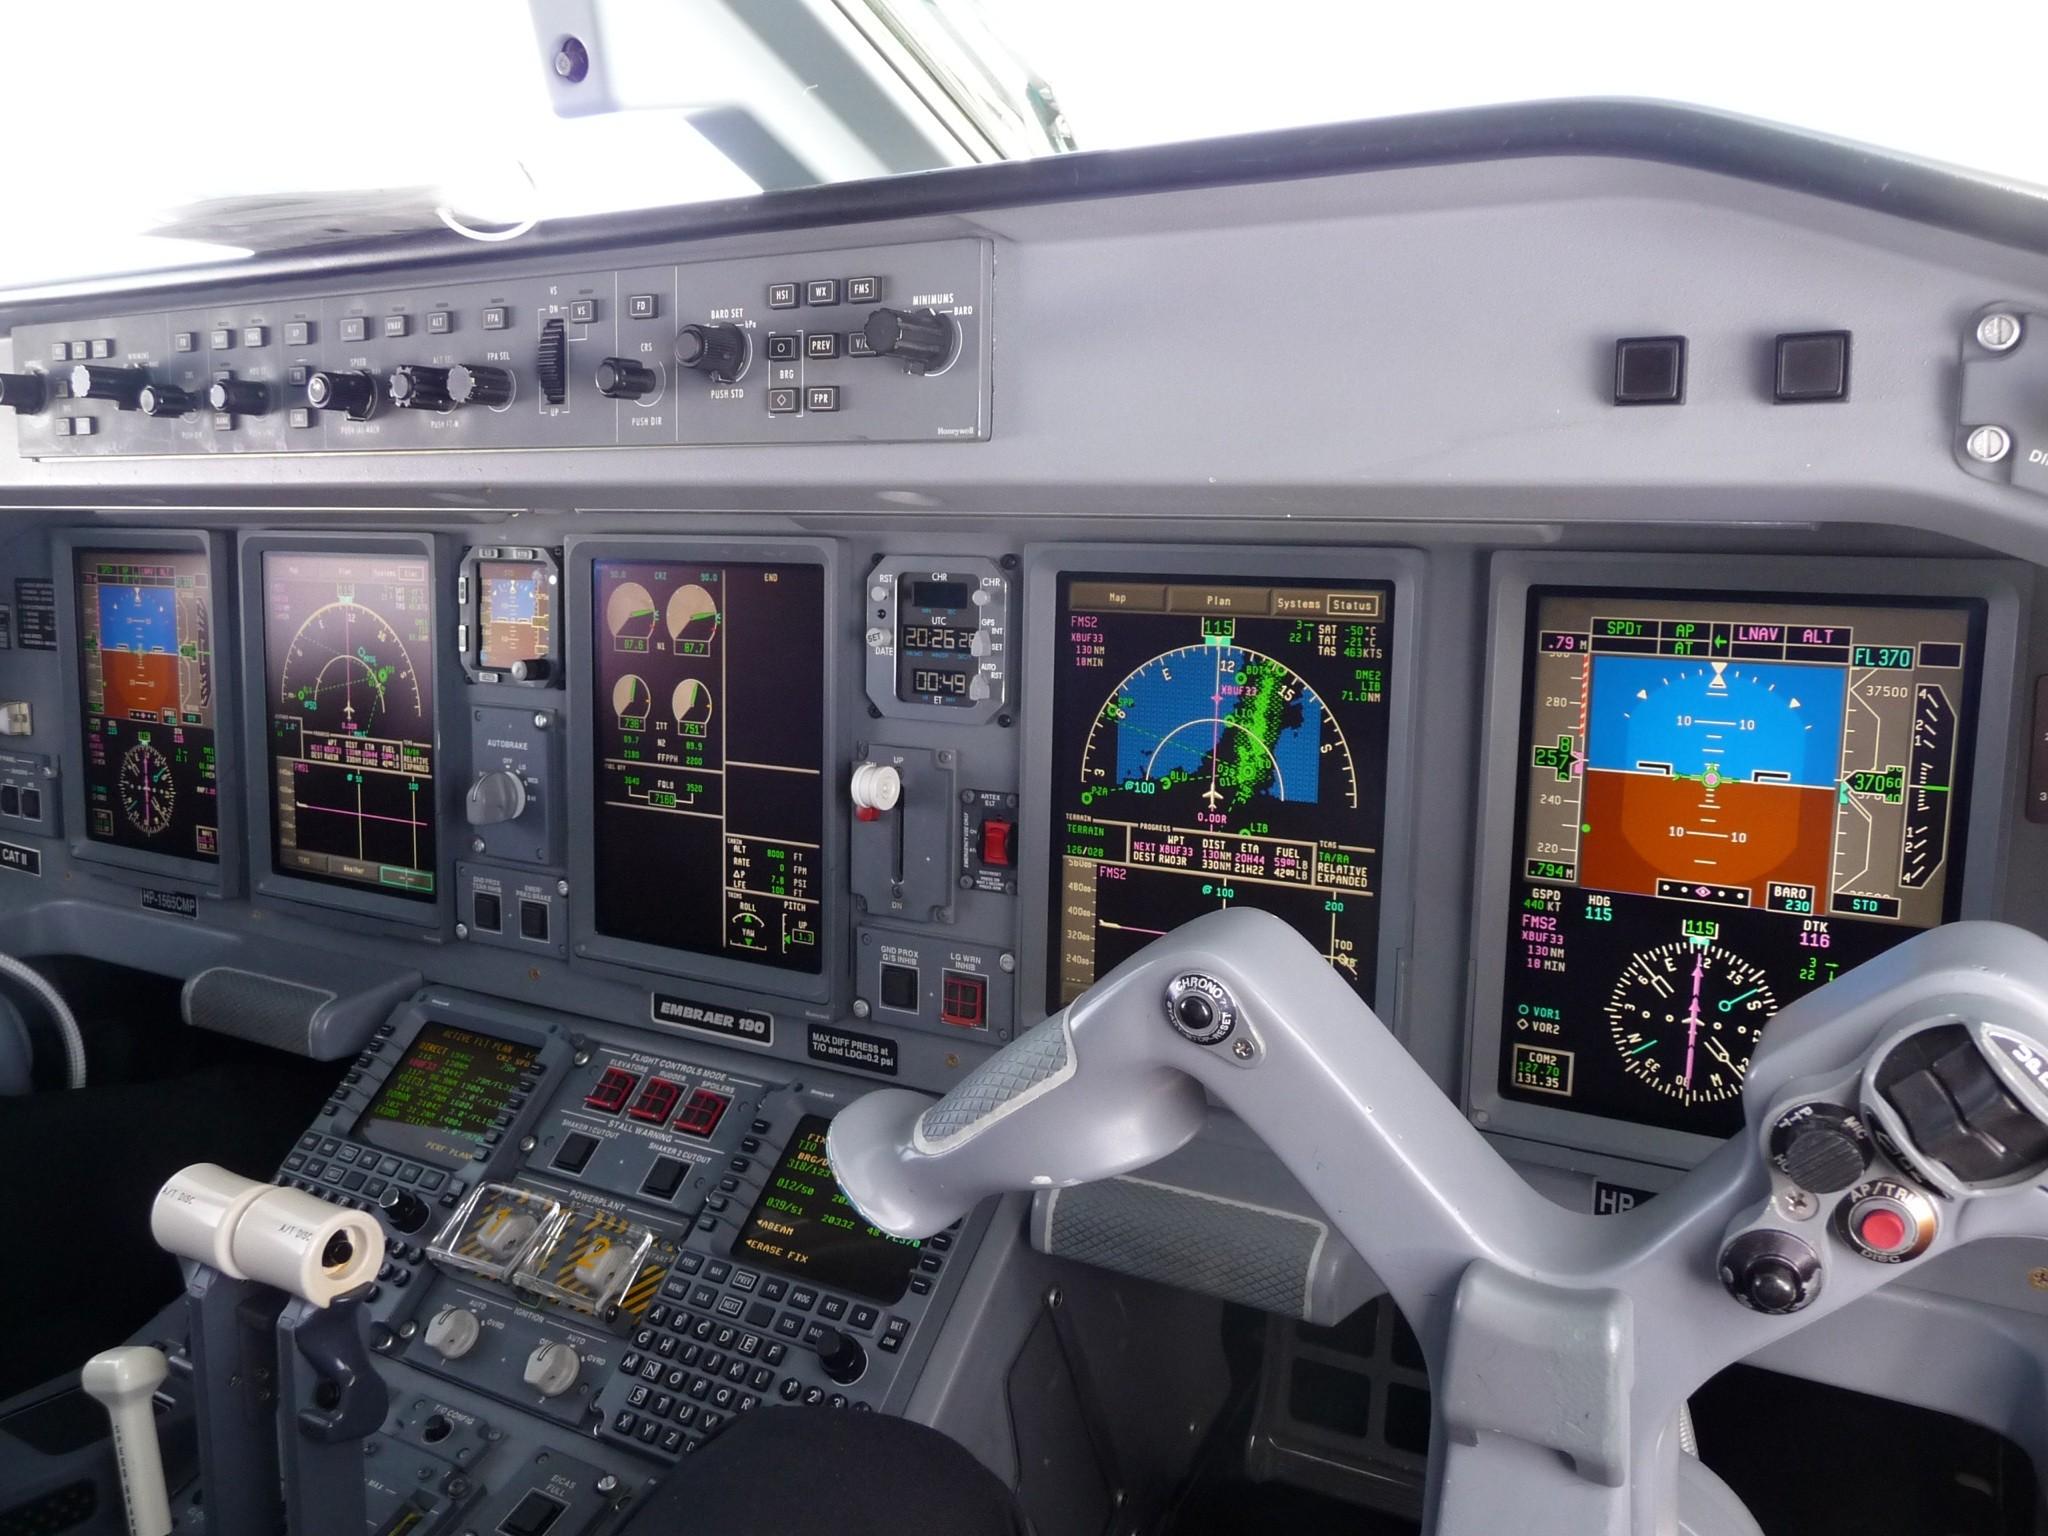 EMBRAER 190 cockpit.